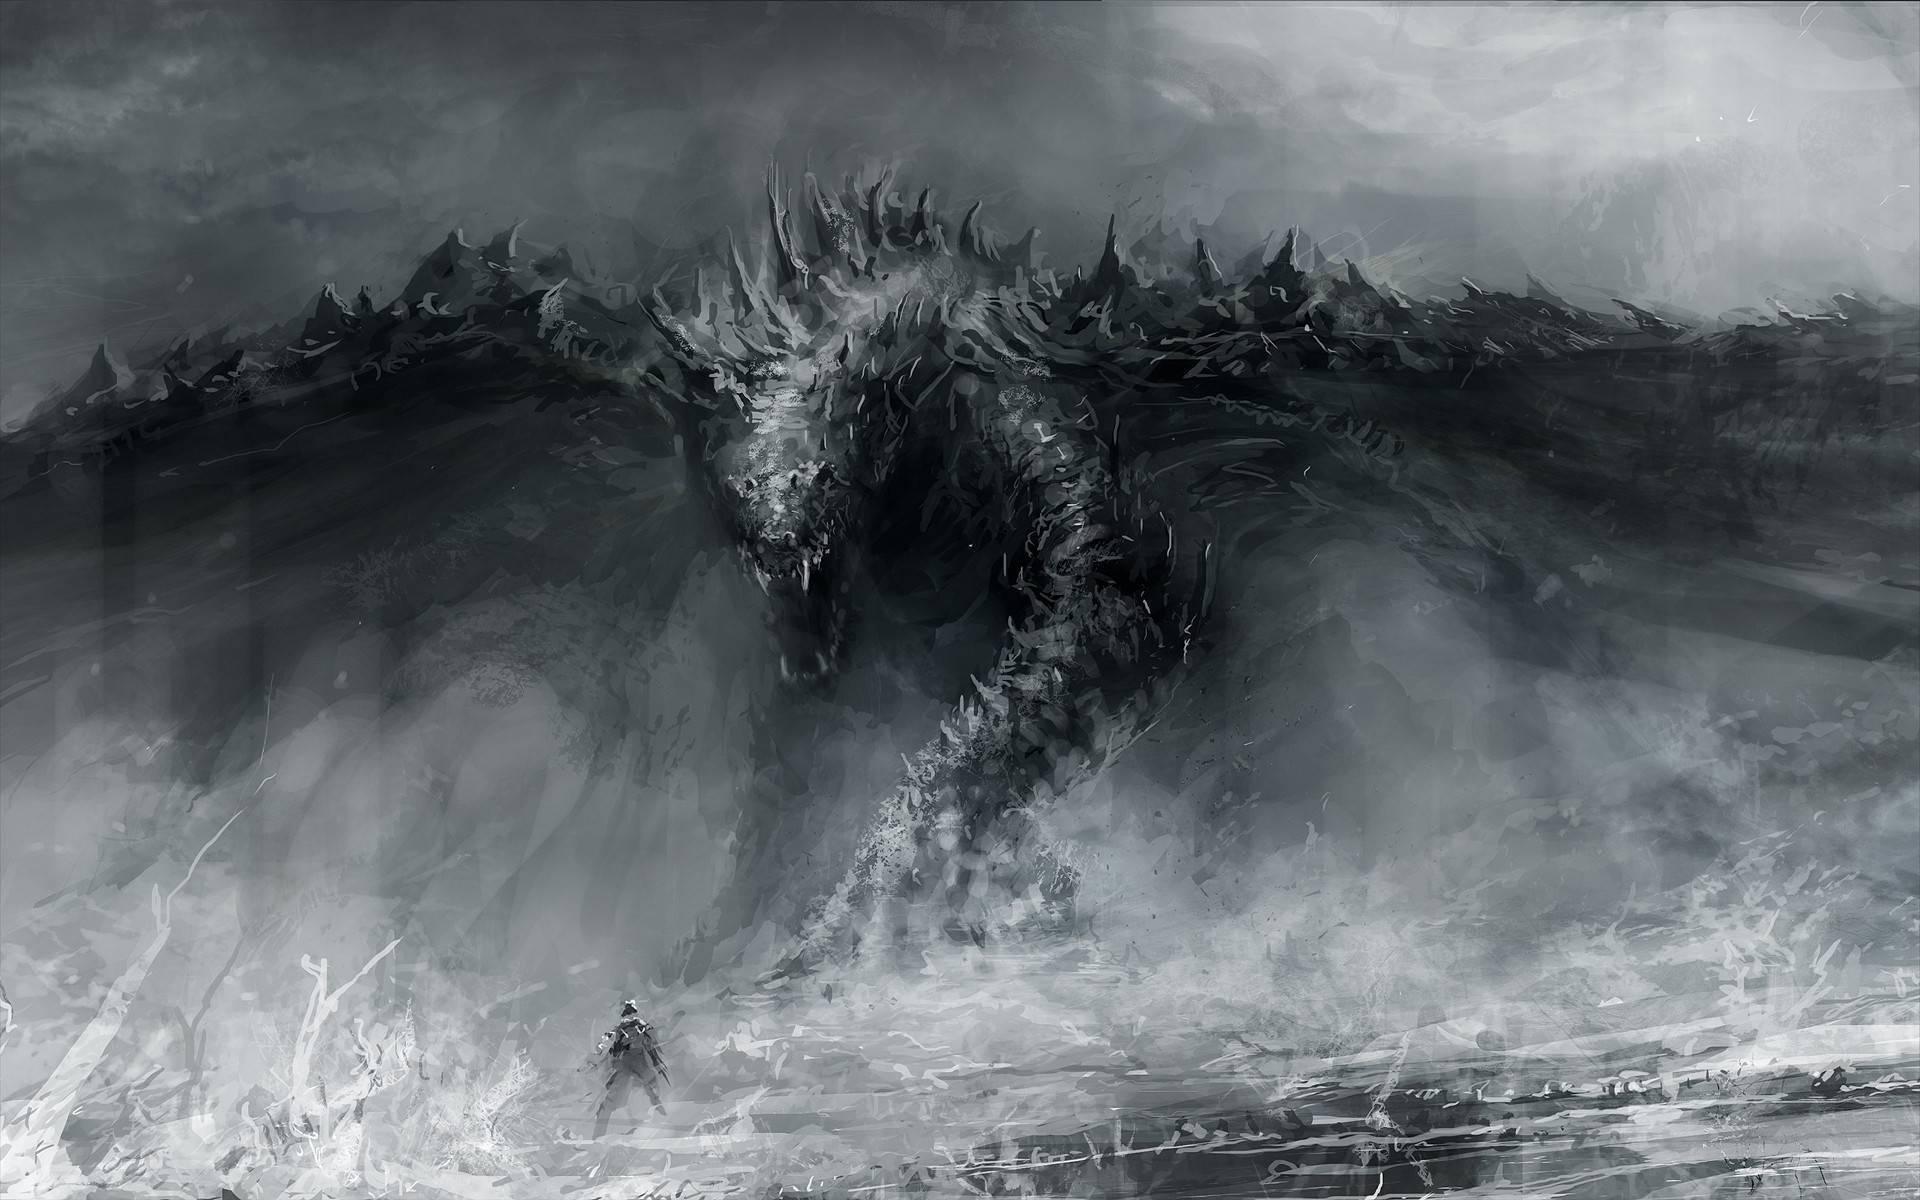 dragonm